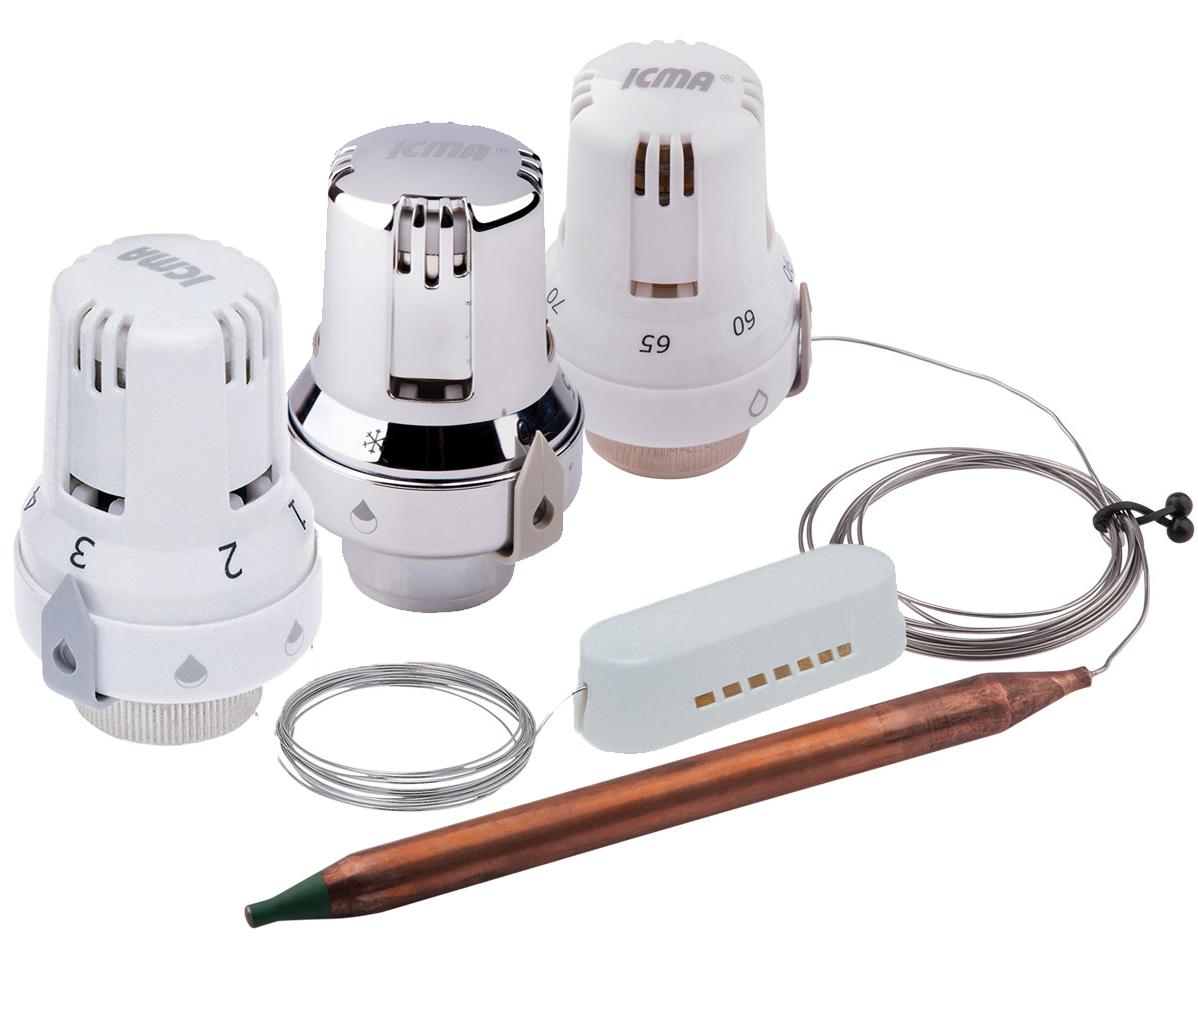 Термостатические головки, термоприводы и погружные гильзы